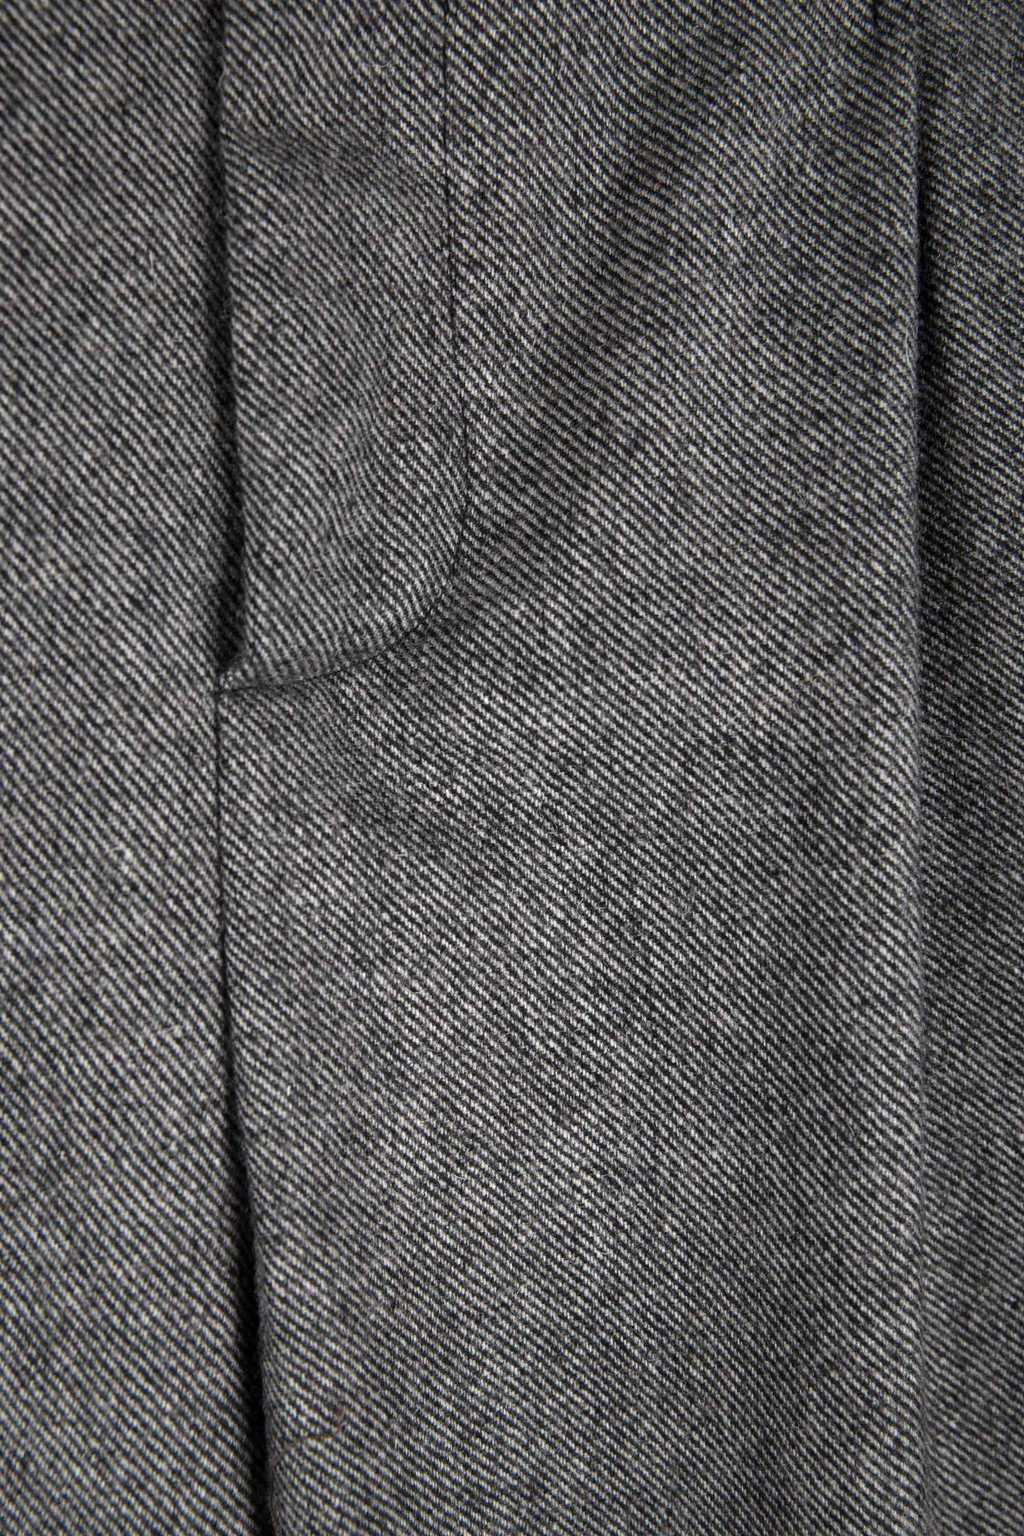 Pant H291 Gray 6